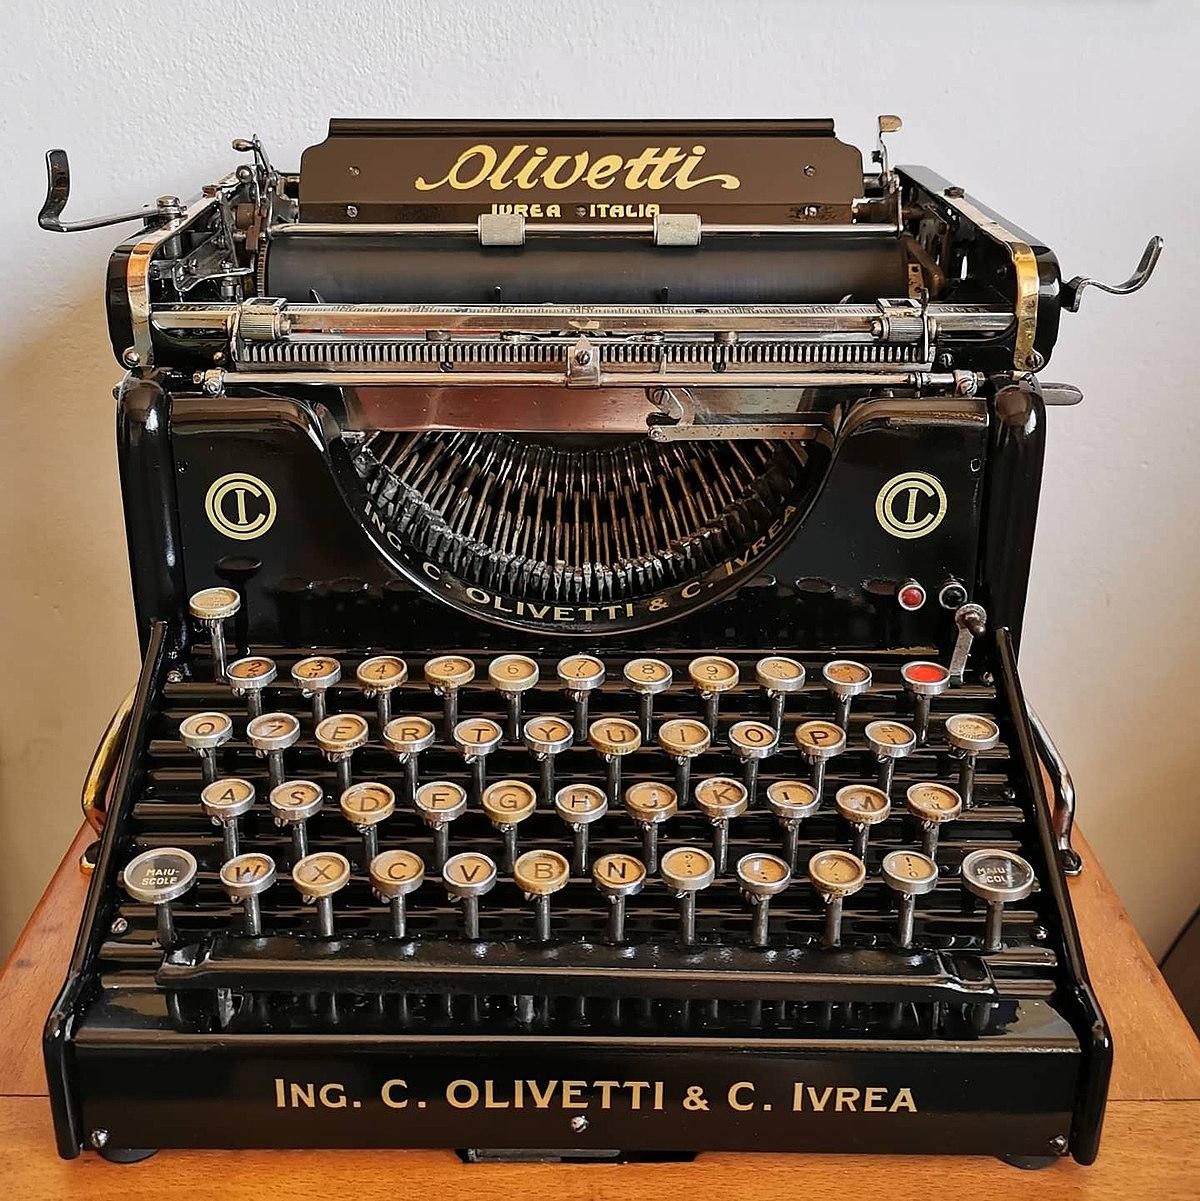 Macchina da scrivere Olivetti Modello M1. Fonte dominio pubblico https://it.wikipedia.org/wiki/Olivetti_M1